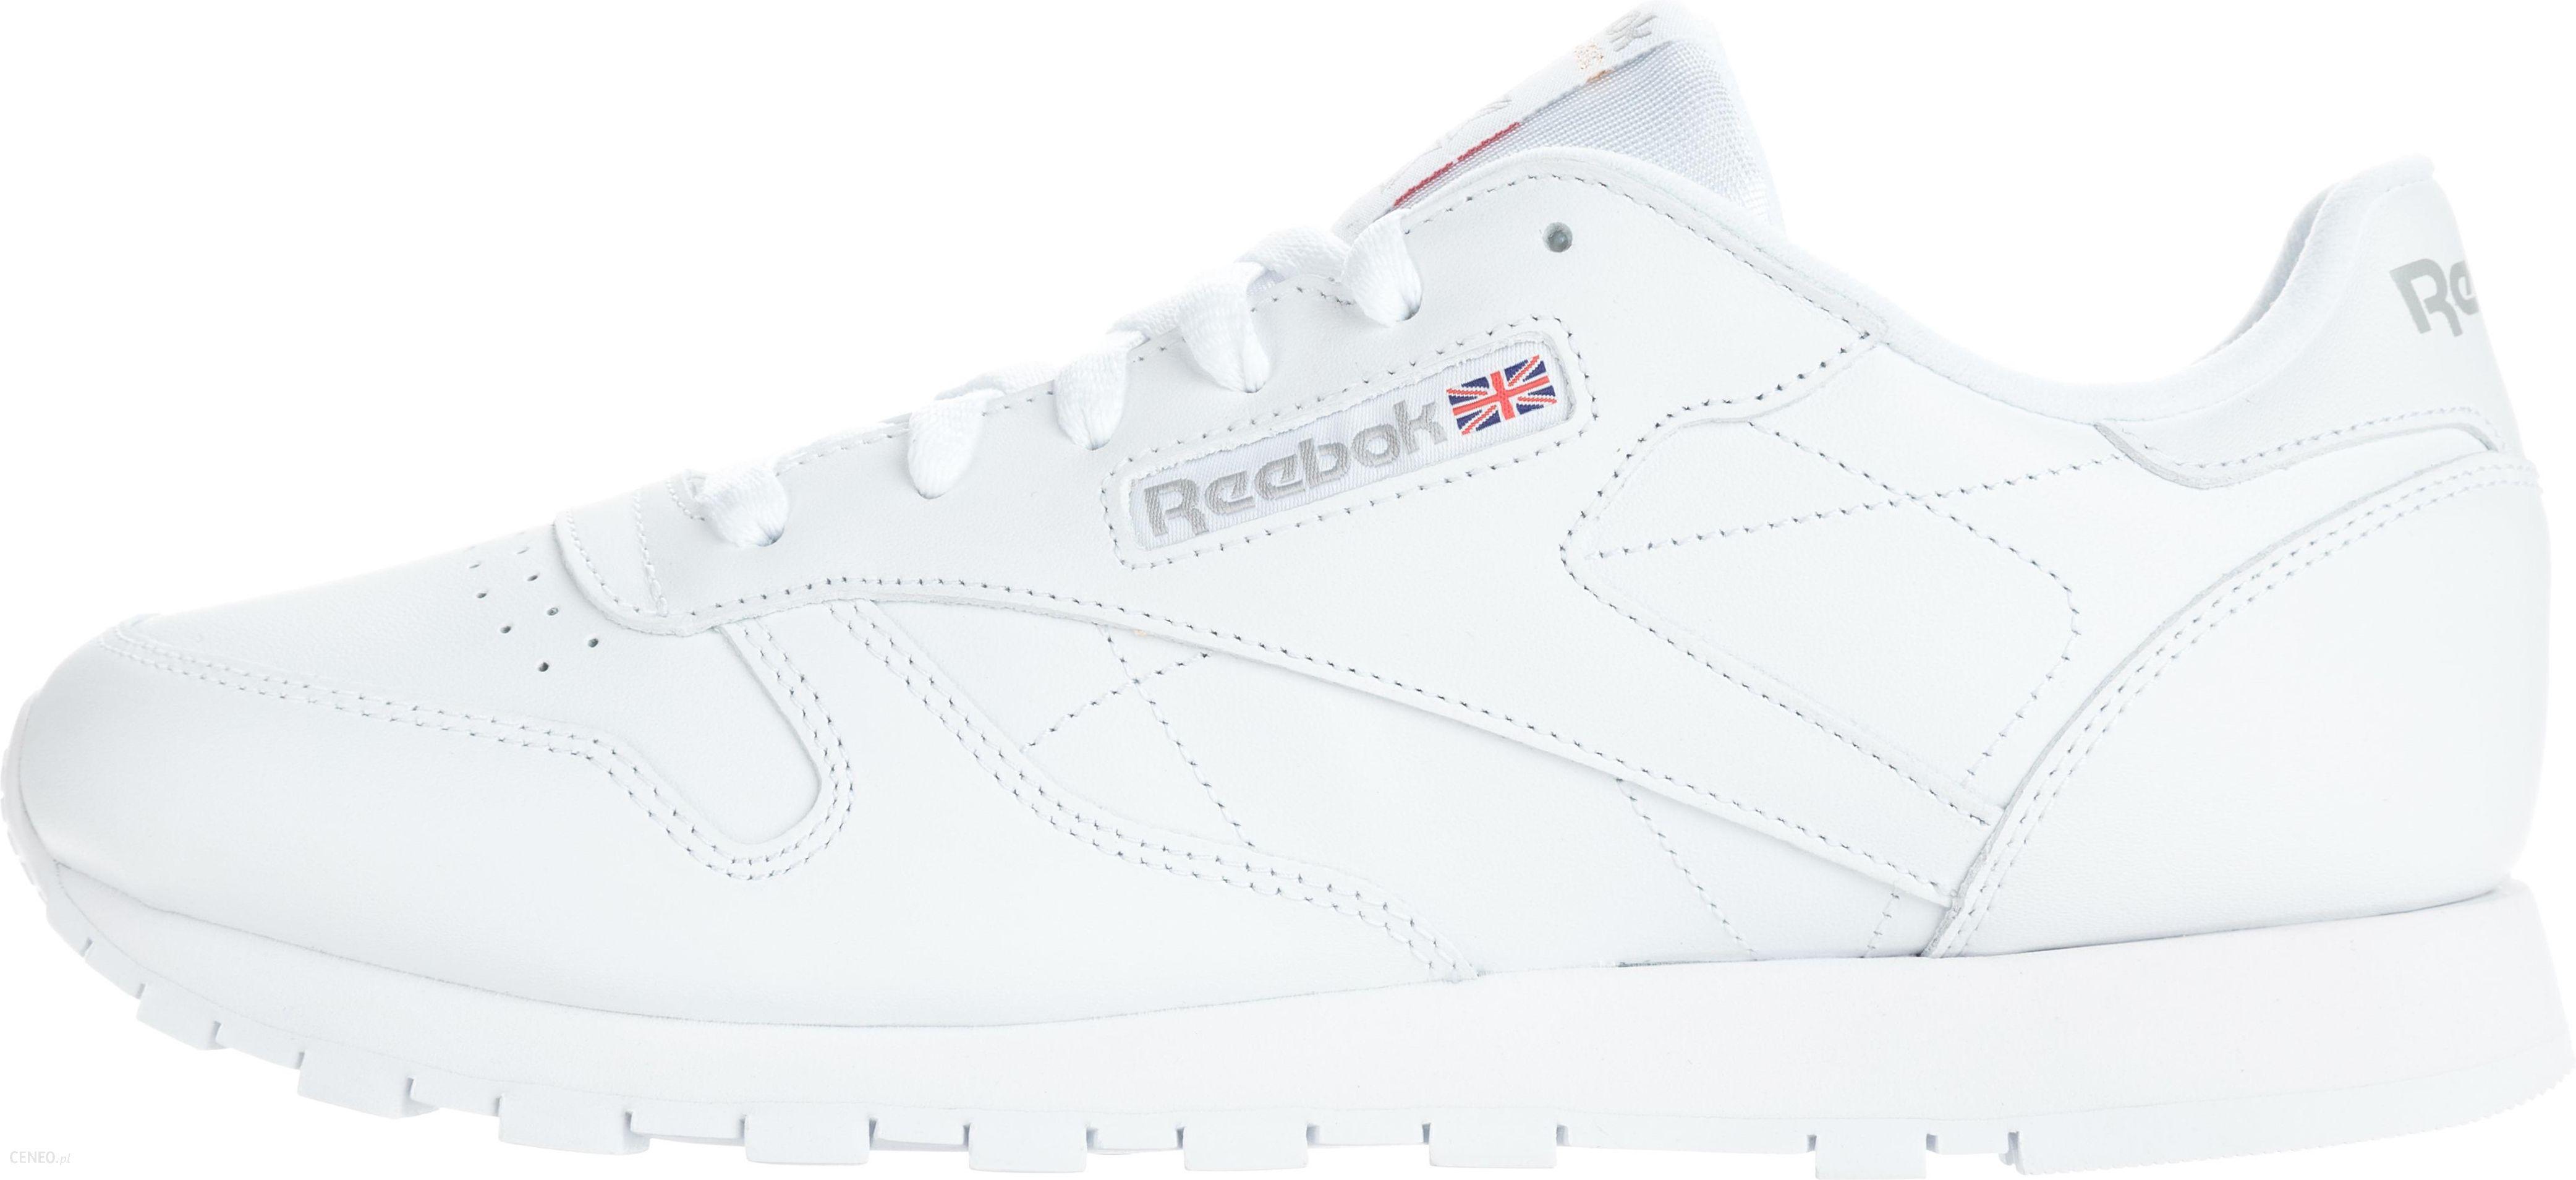 Reebok Classic Leather Tenisówki Biały 40,5 Ceny i opinie Ceneo.pl